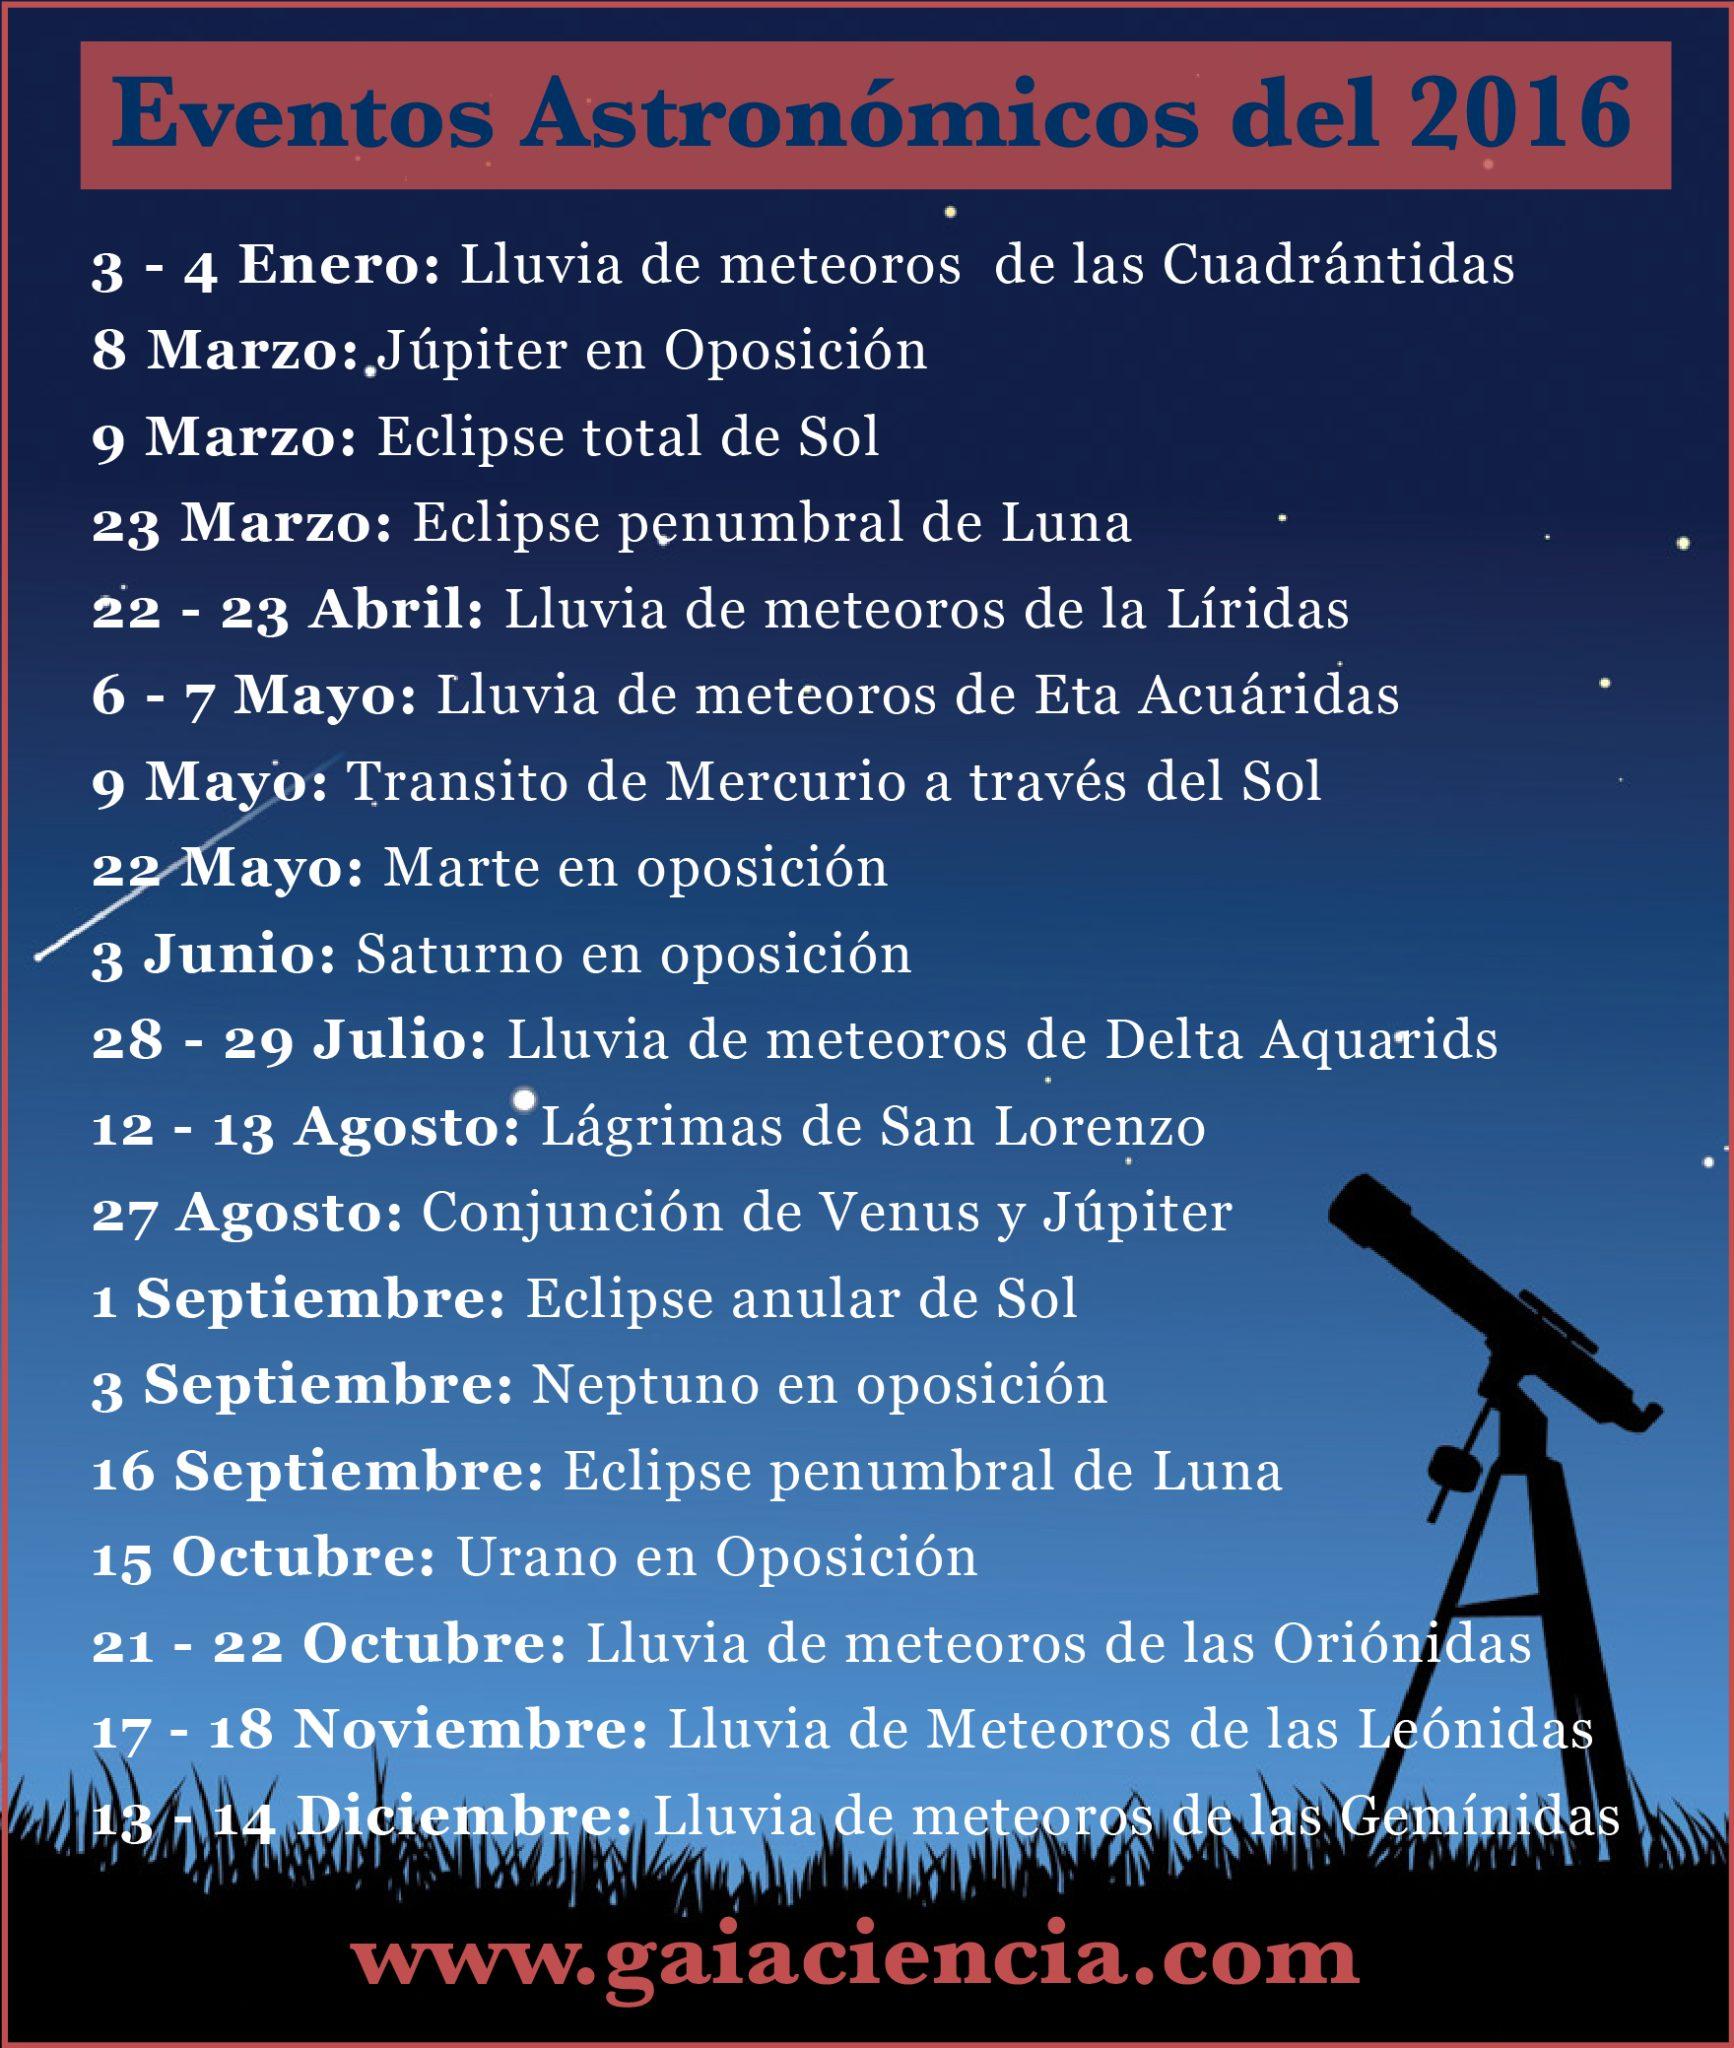 Eventos_2015_def-02